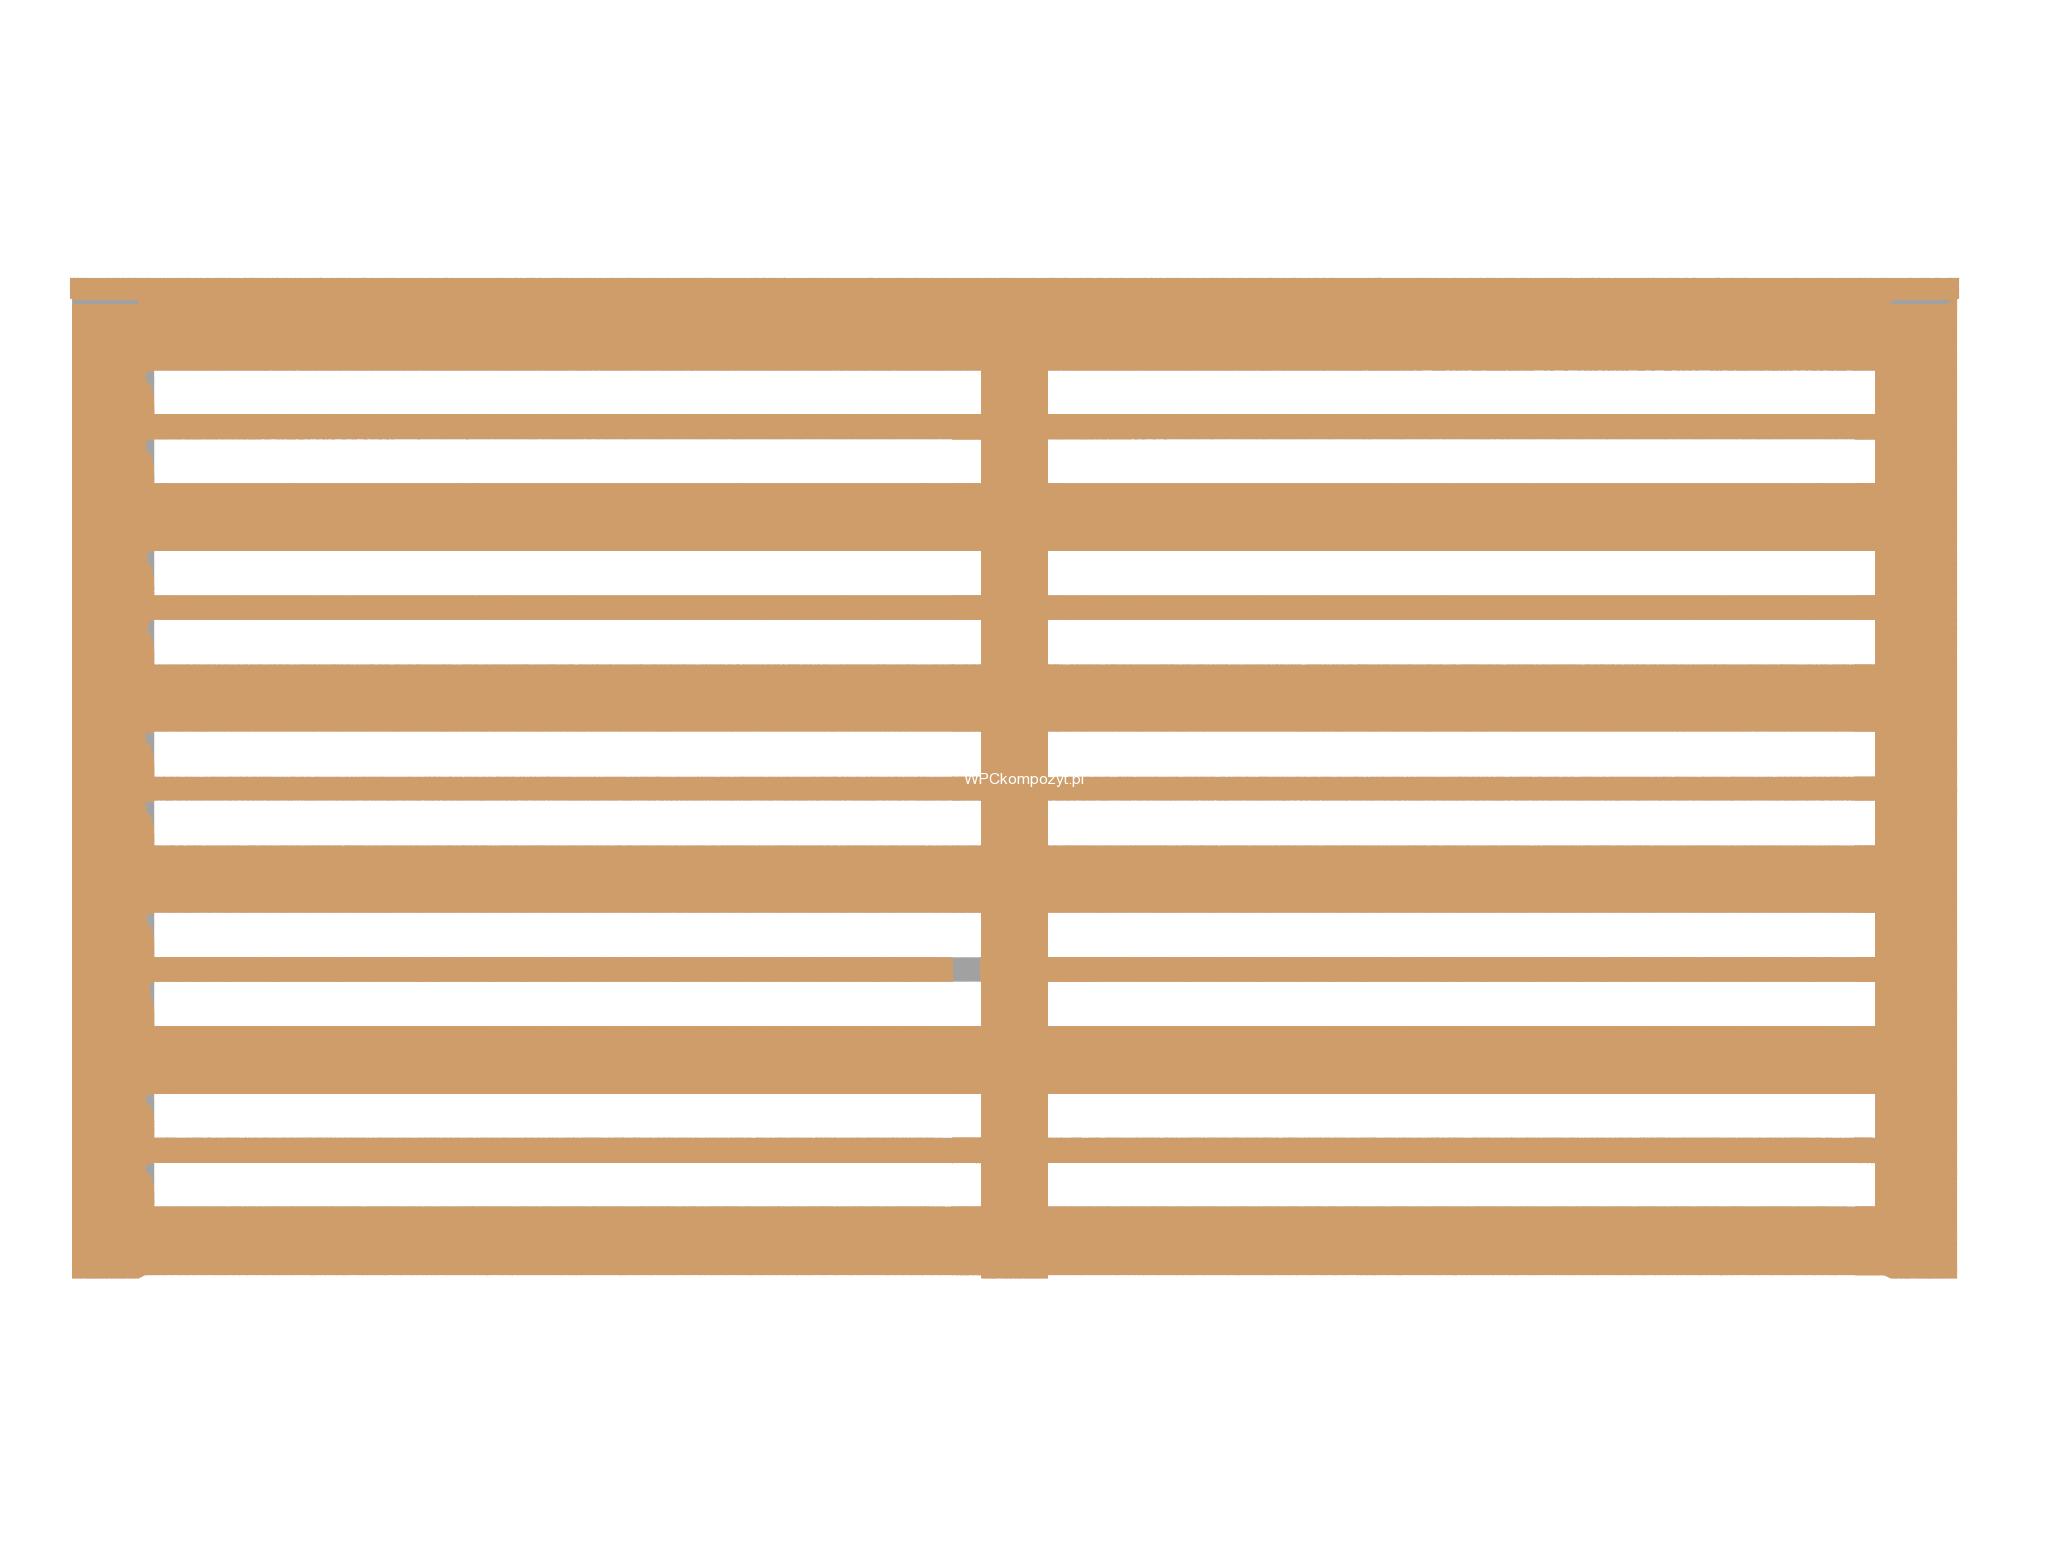 Masywnie BALUSTRADY Z KOMPOZYTU - Tarasy, elewacje, ogrodzenia - kompozyt MK13